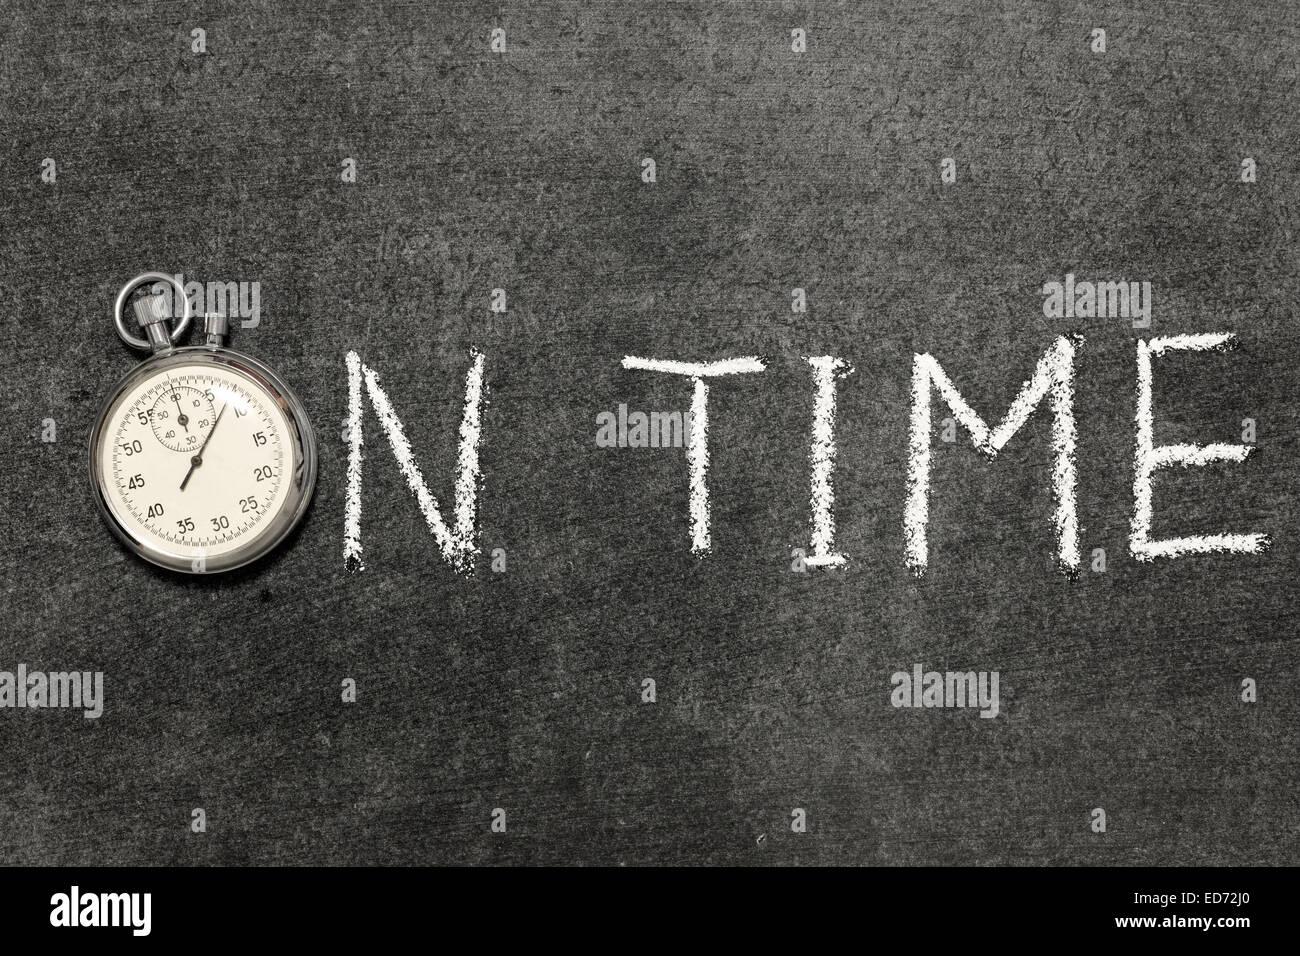 auf Zeit Ausdruck handschriftlich auf Tafel mit Vintage präzise Stoppuhr verwendet anstelle von O Stockbild